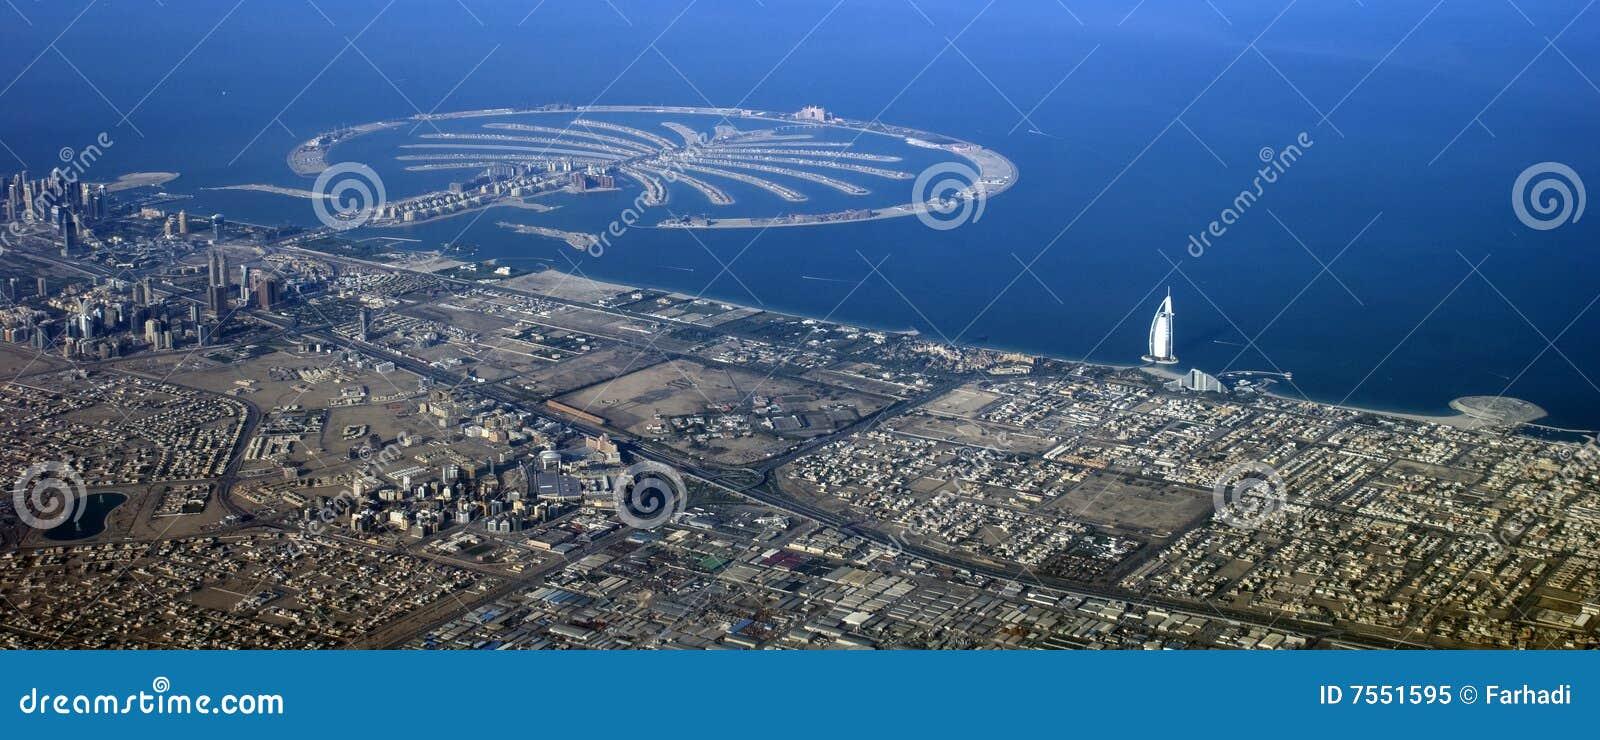 Dubai-Palmeninsel